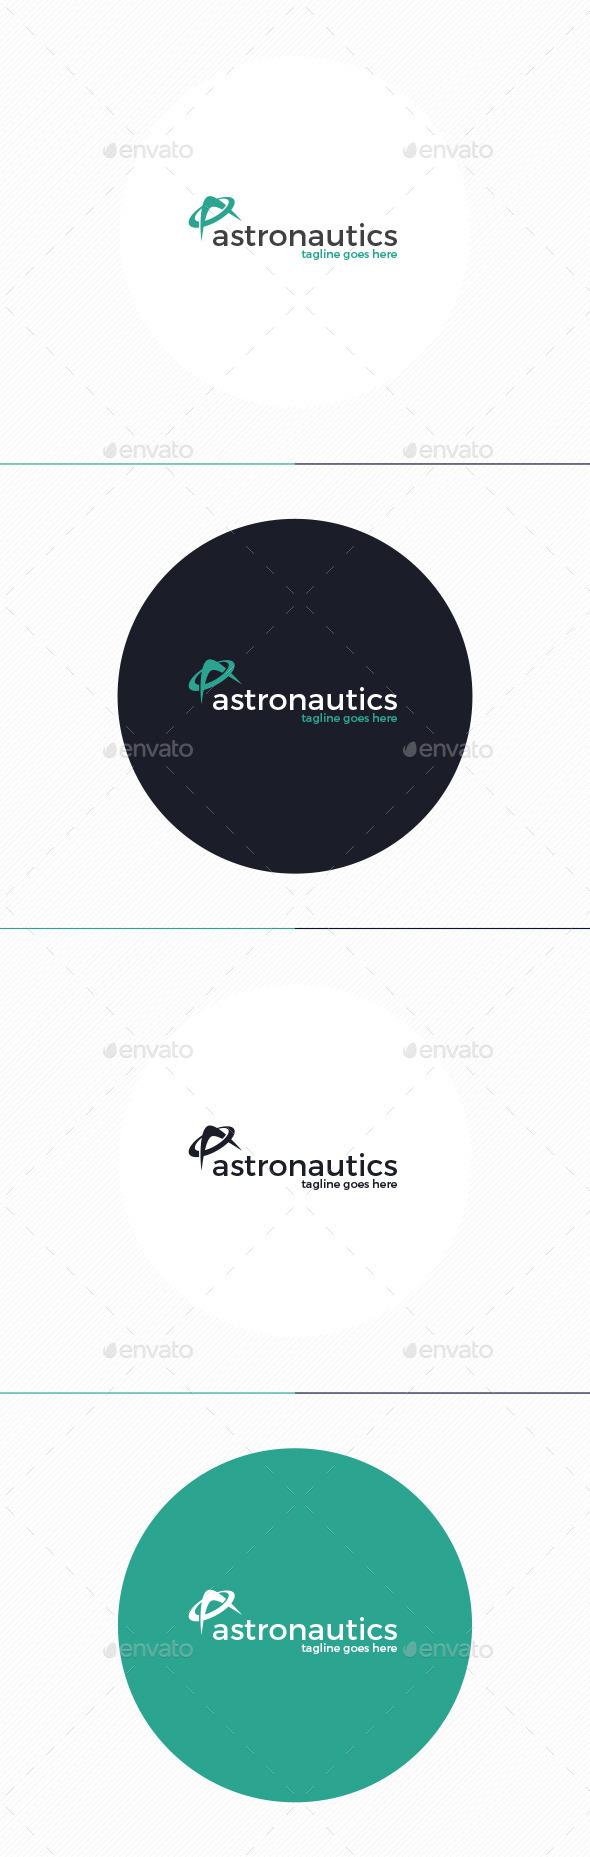 GraphicRiver Astronautics Logo Letter A 10947354